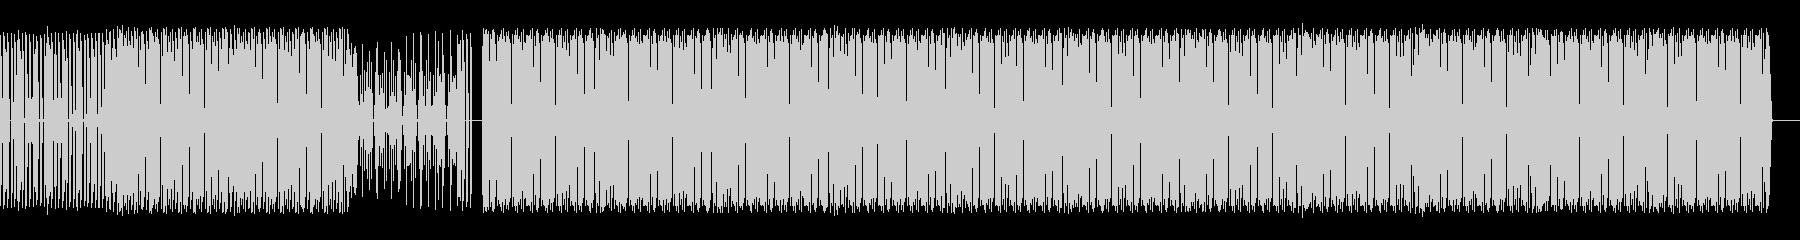 ドラムのループ音源の未再生の波形